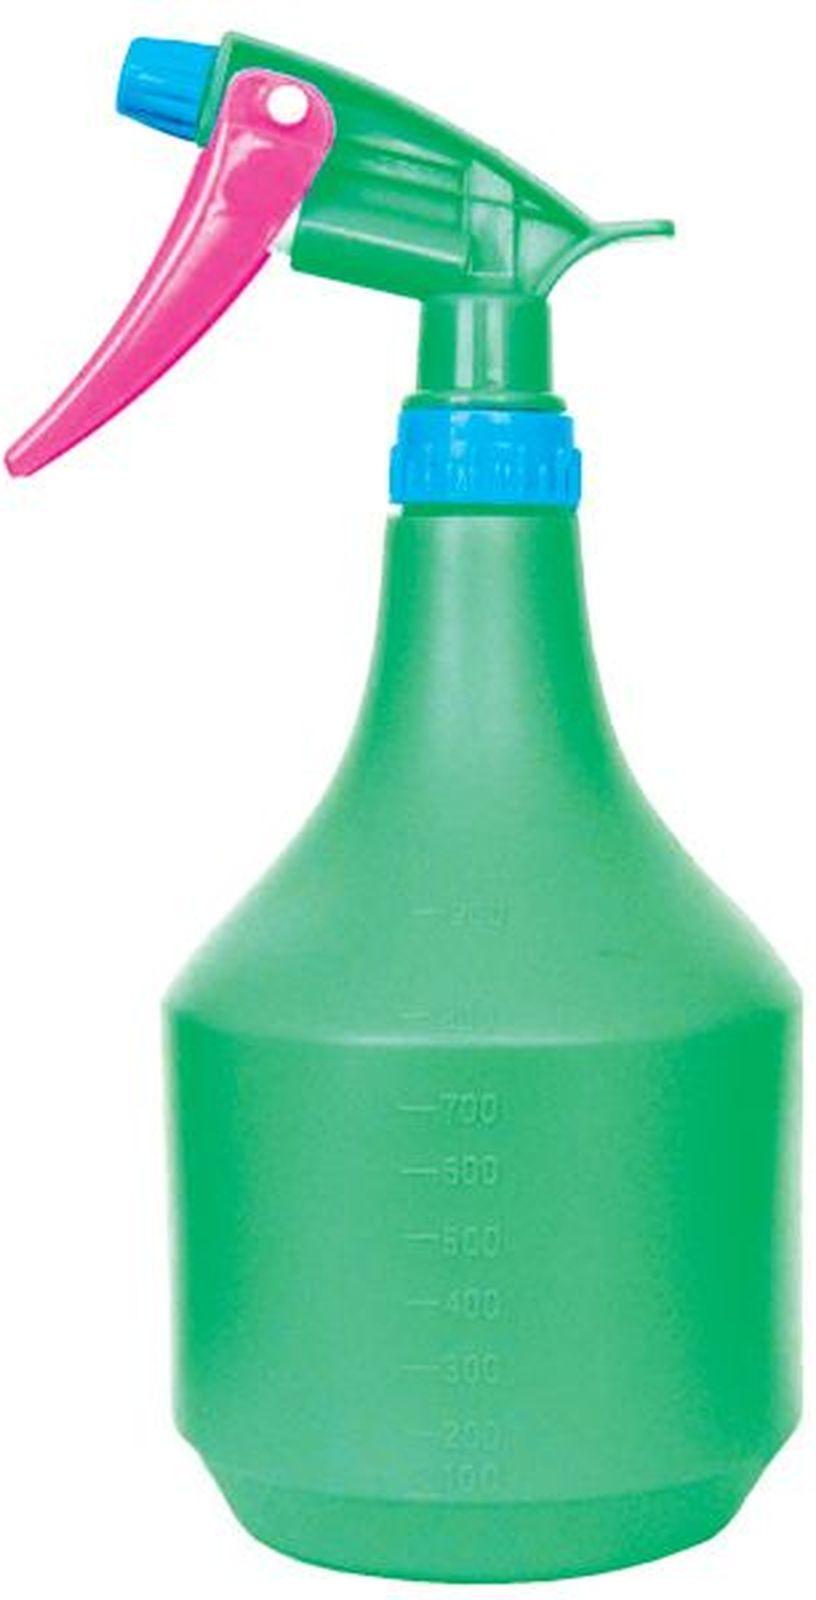 цена на Опрыскиватель садовый Конус, JM54, цвет: в ассортименте, 900 мл